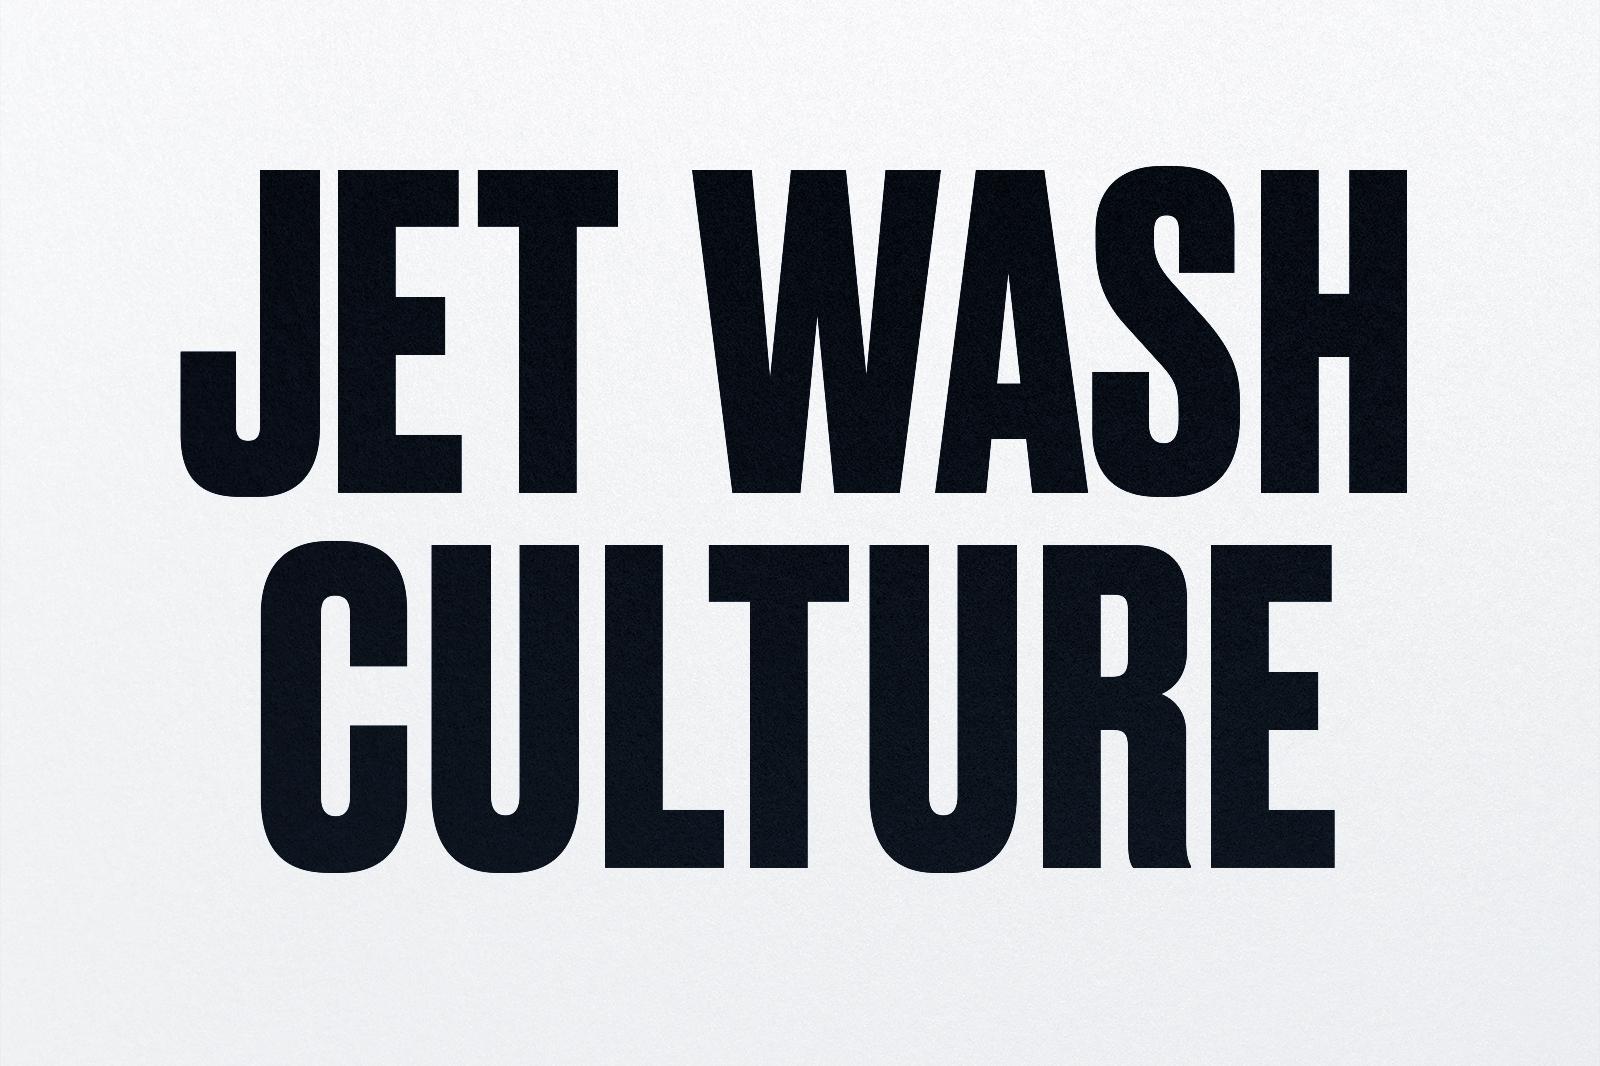 08_jetwash